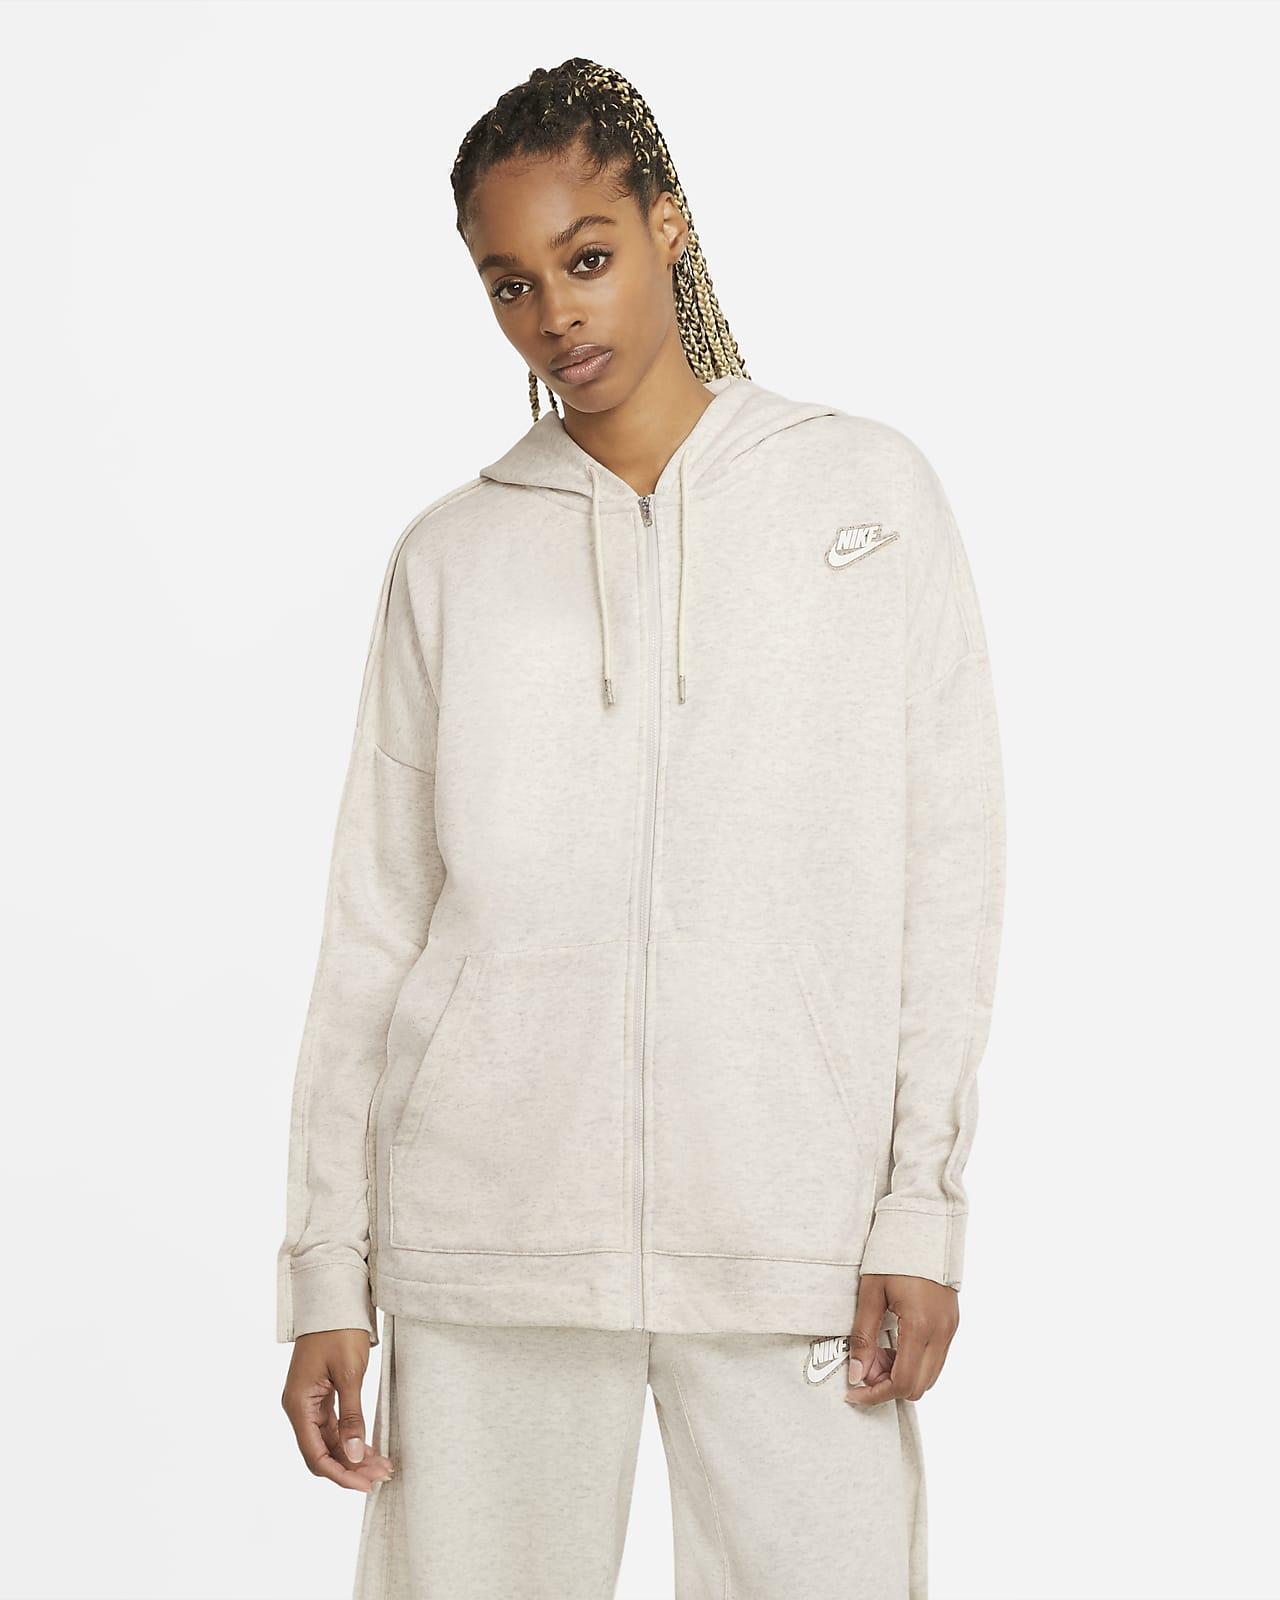 Damska bluza dzianinowa z kapturem i zamkiem na całej długości Nike Sportswear